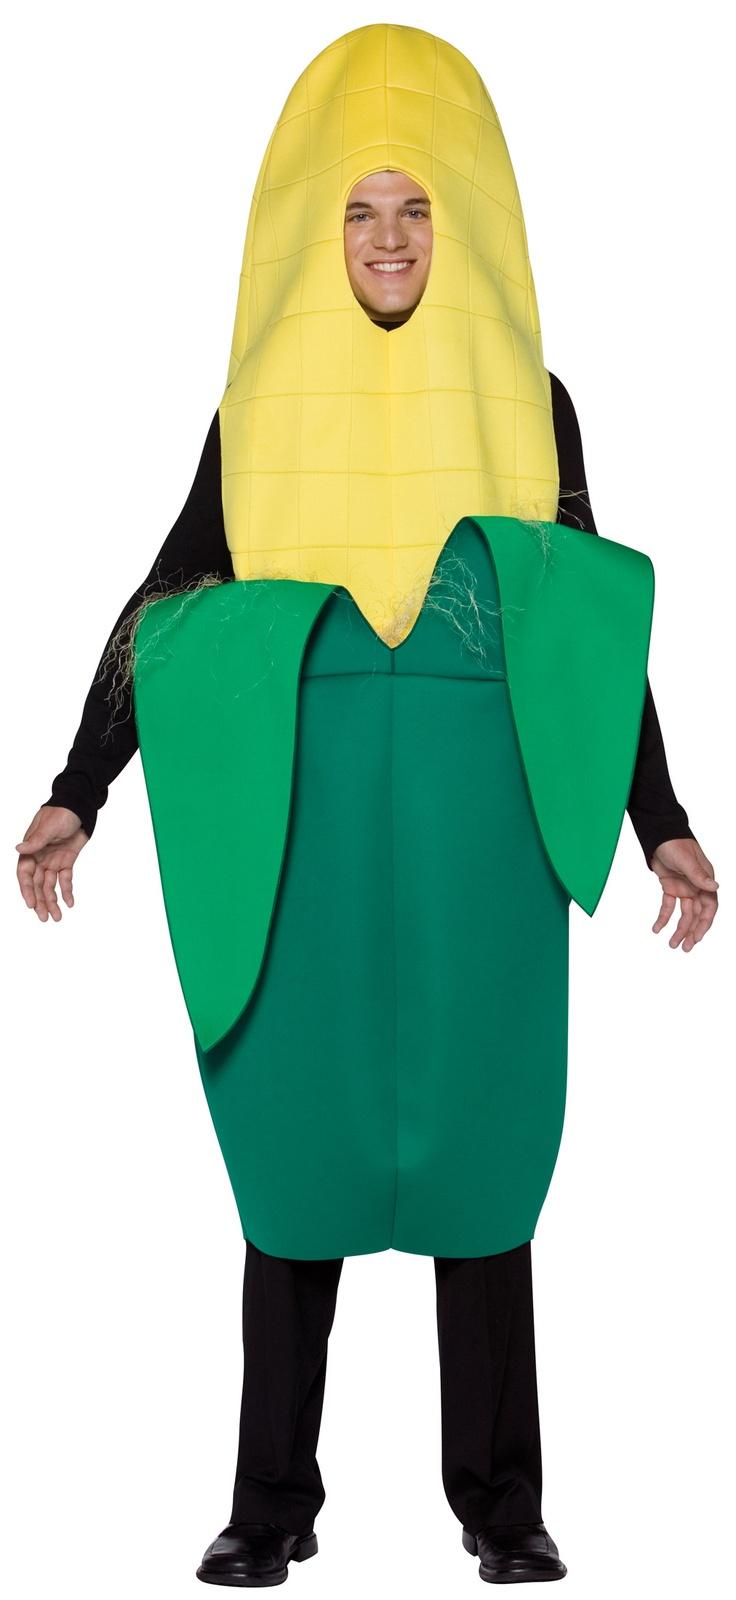 Déguisement épi de maïs adulte : Deguisetoi.fr